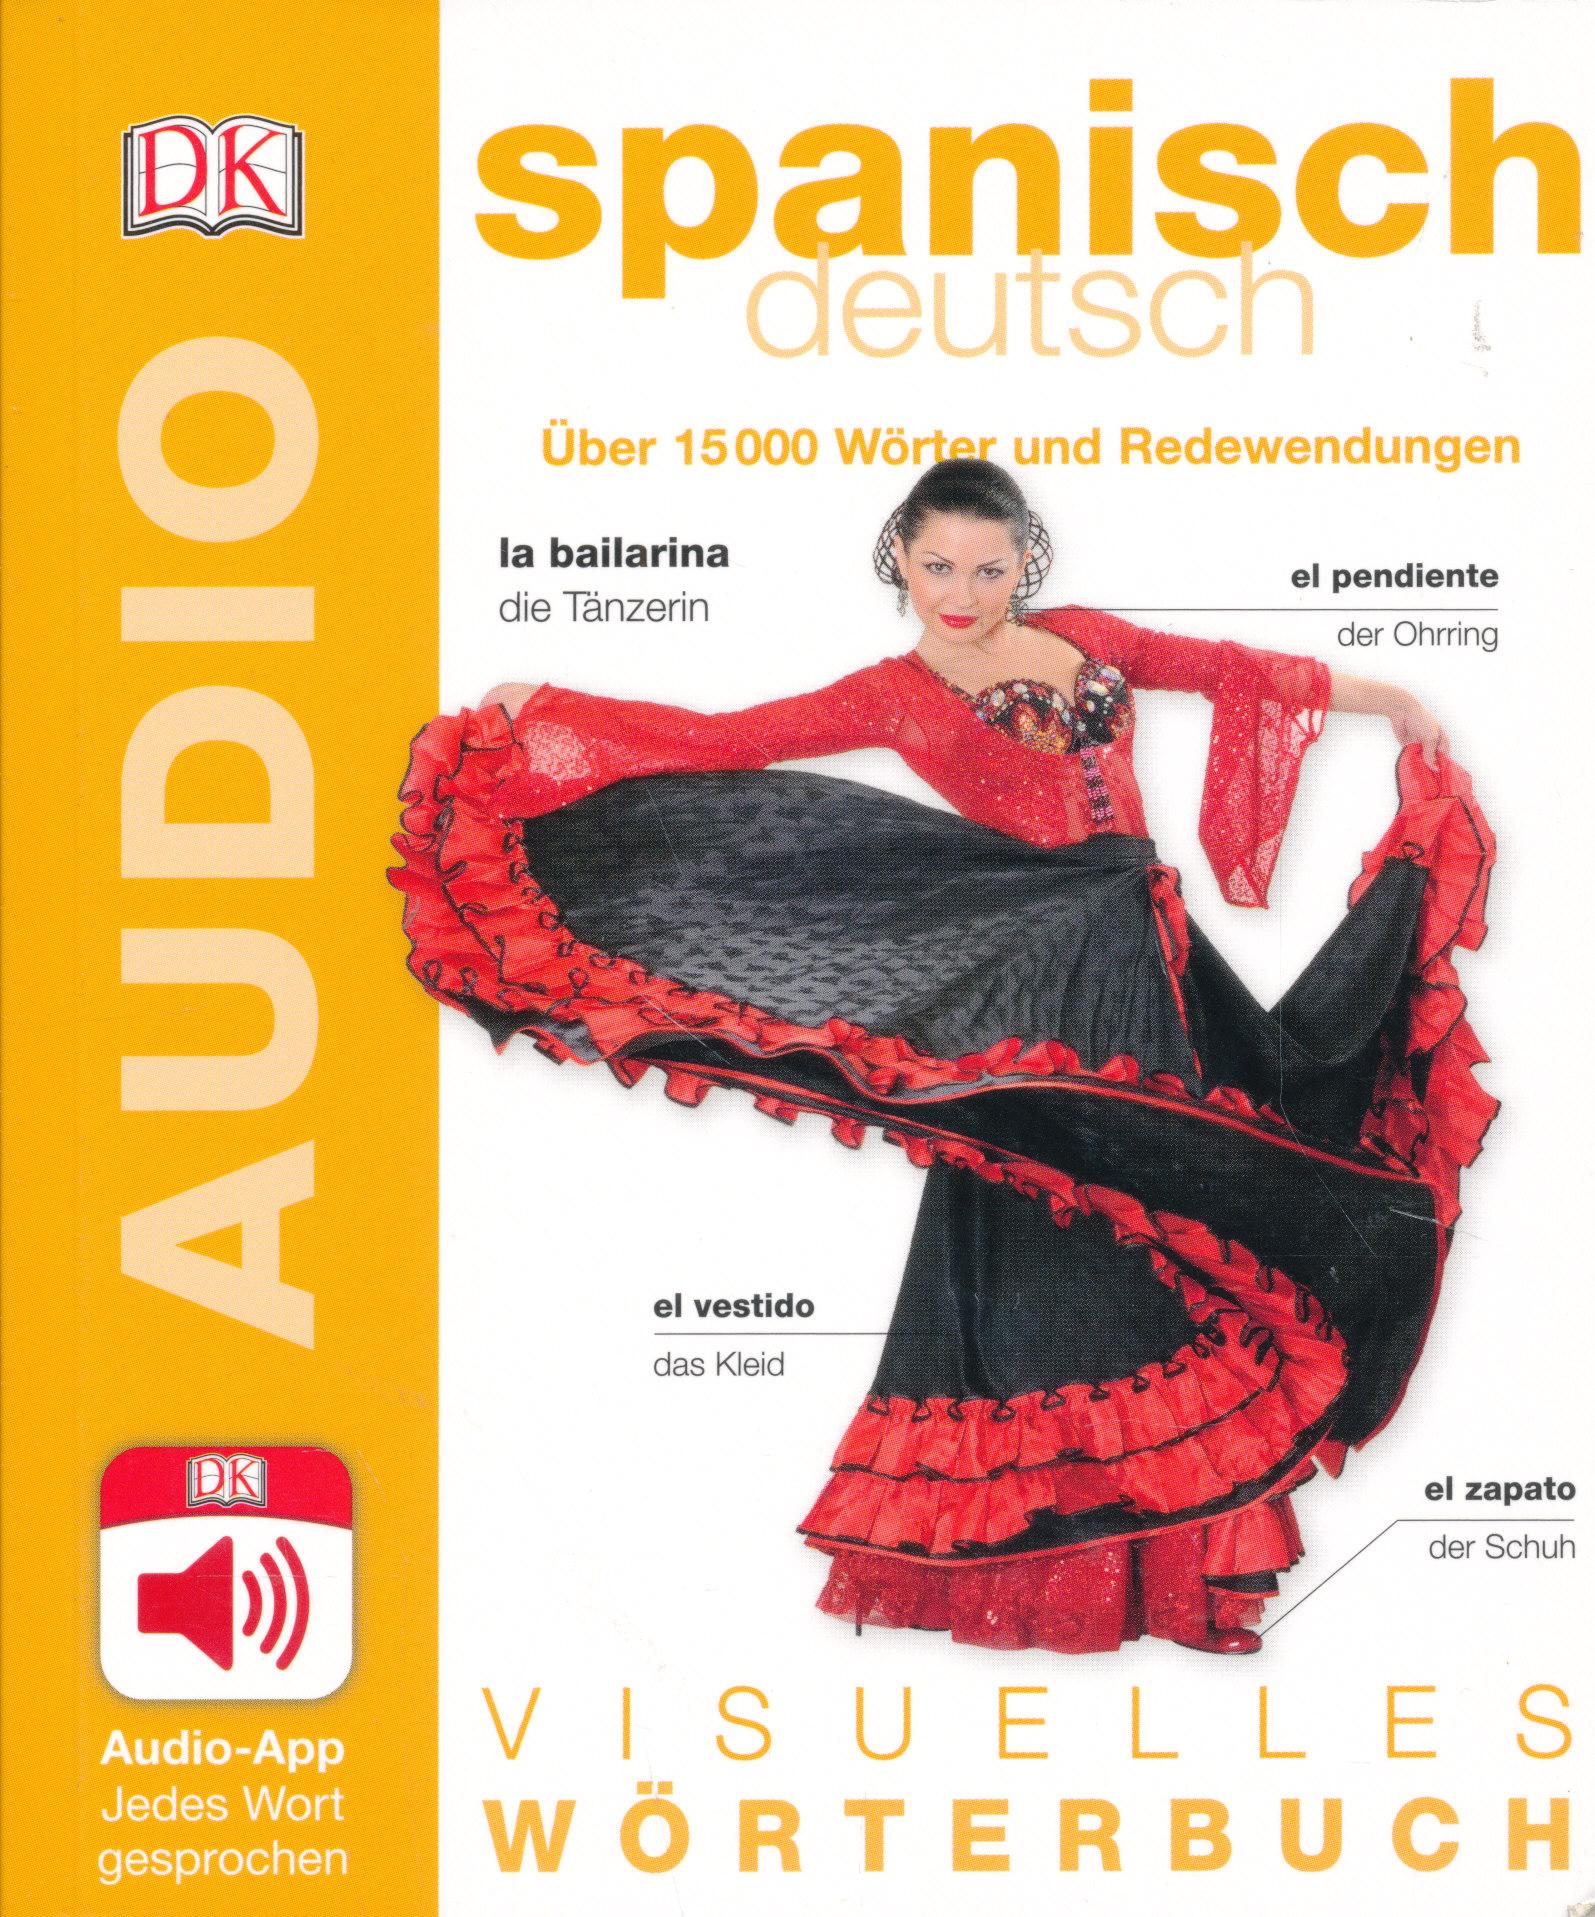 DK Visuelles Wörterbuch Spanisch - Deutsch -  Mit Audio-App - Jedes Wort gesprochen